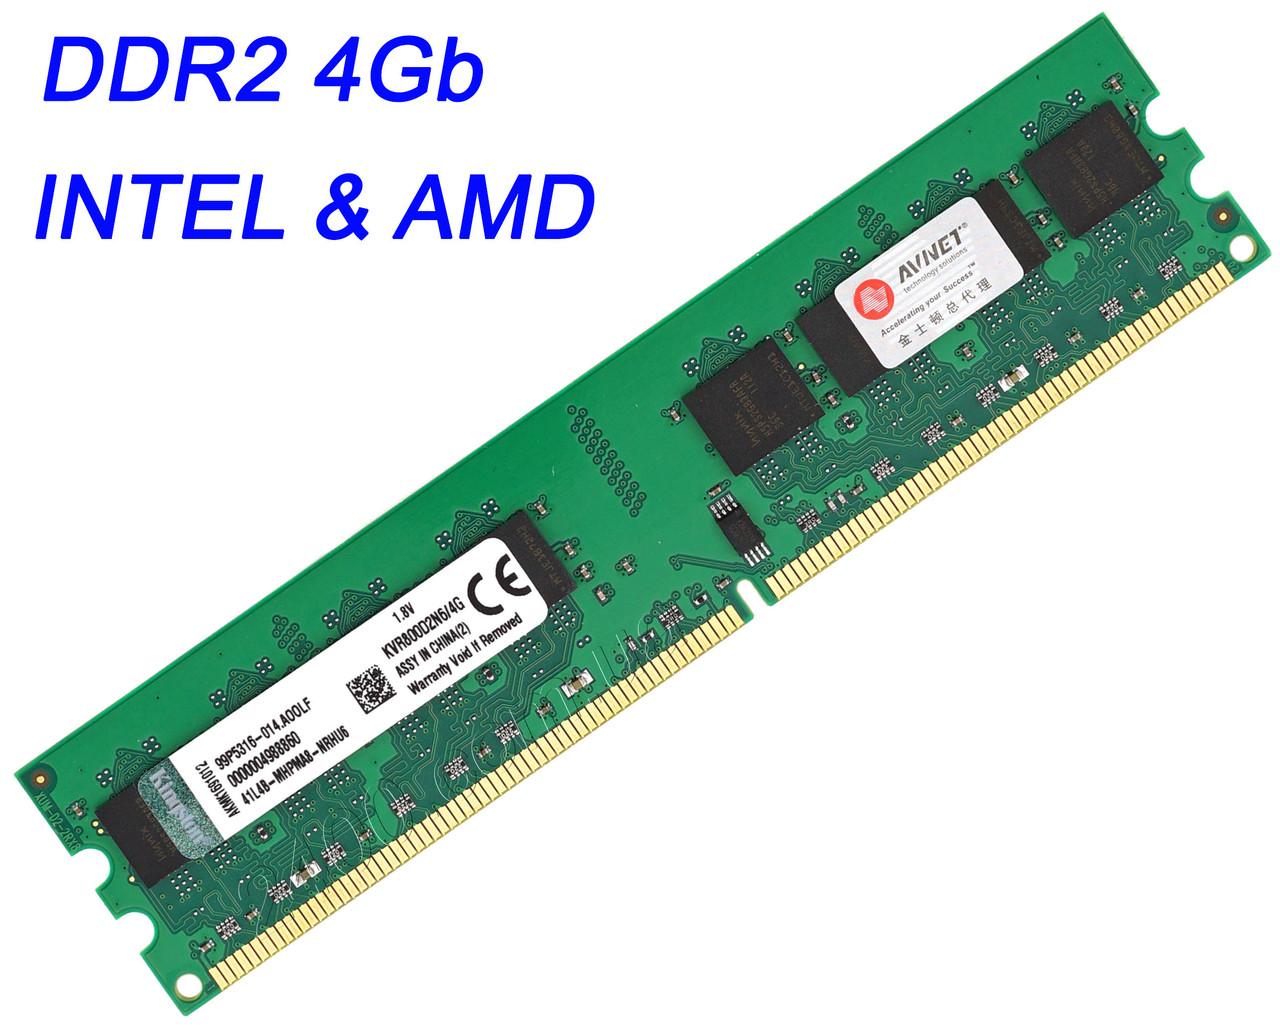 Оперативна пам'ять 4 Гб ДДР2 (DDR2 4GB) Intel і AMD KVR800D2N6/4G 800MHz — універсальна ОПЕРАТИВНОЇ пам'яті 4096MB